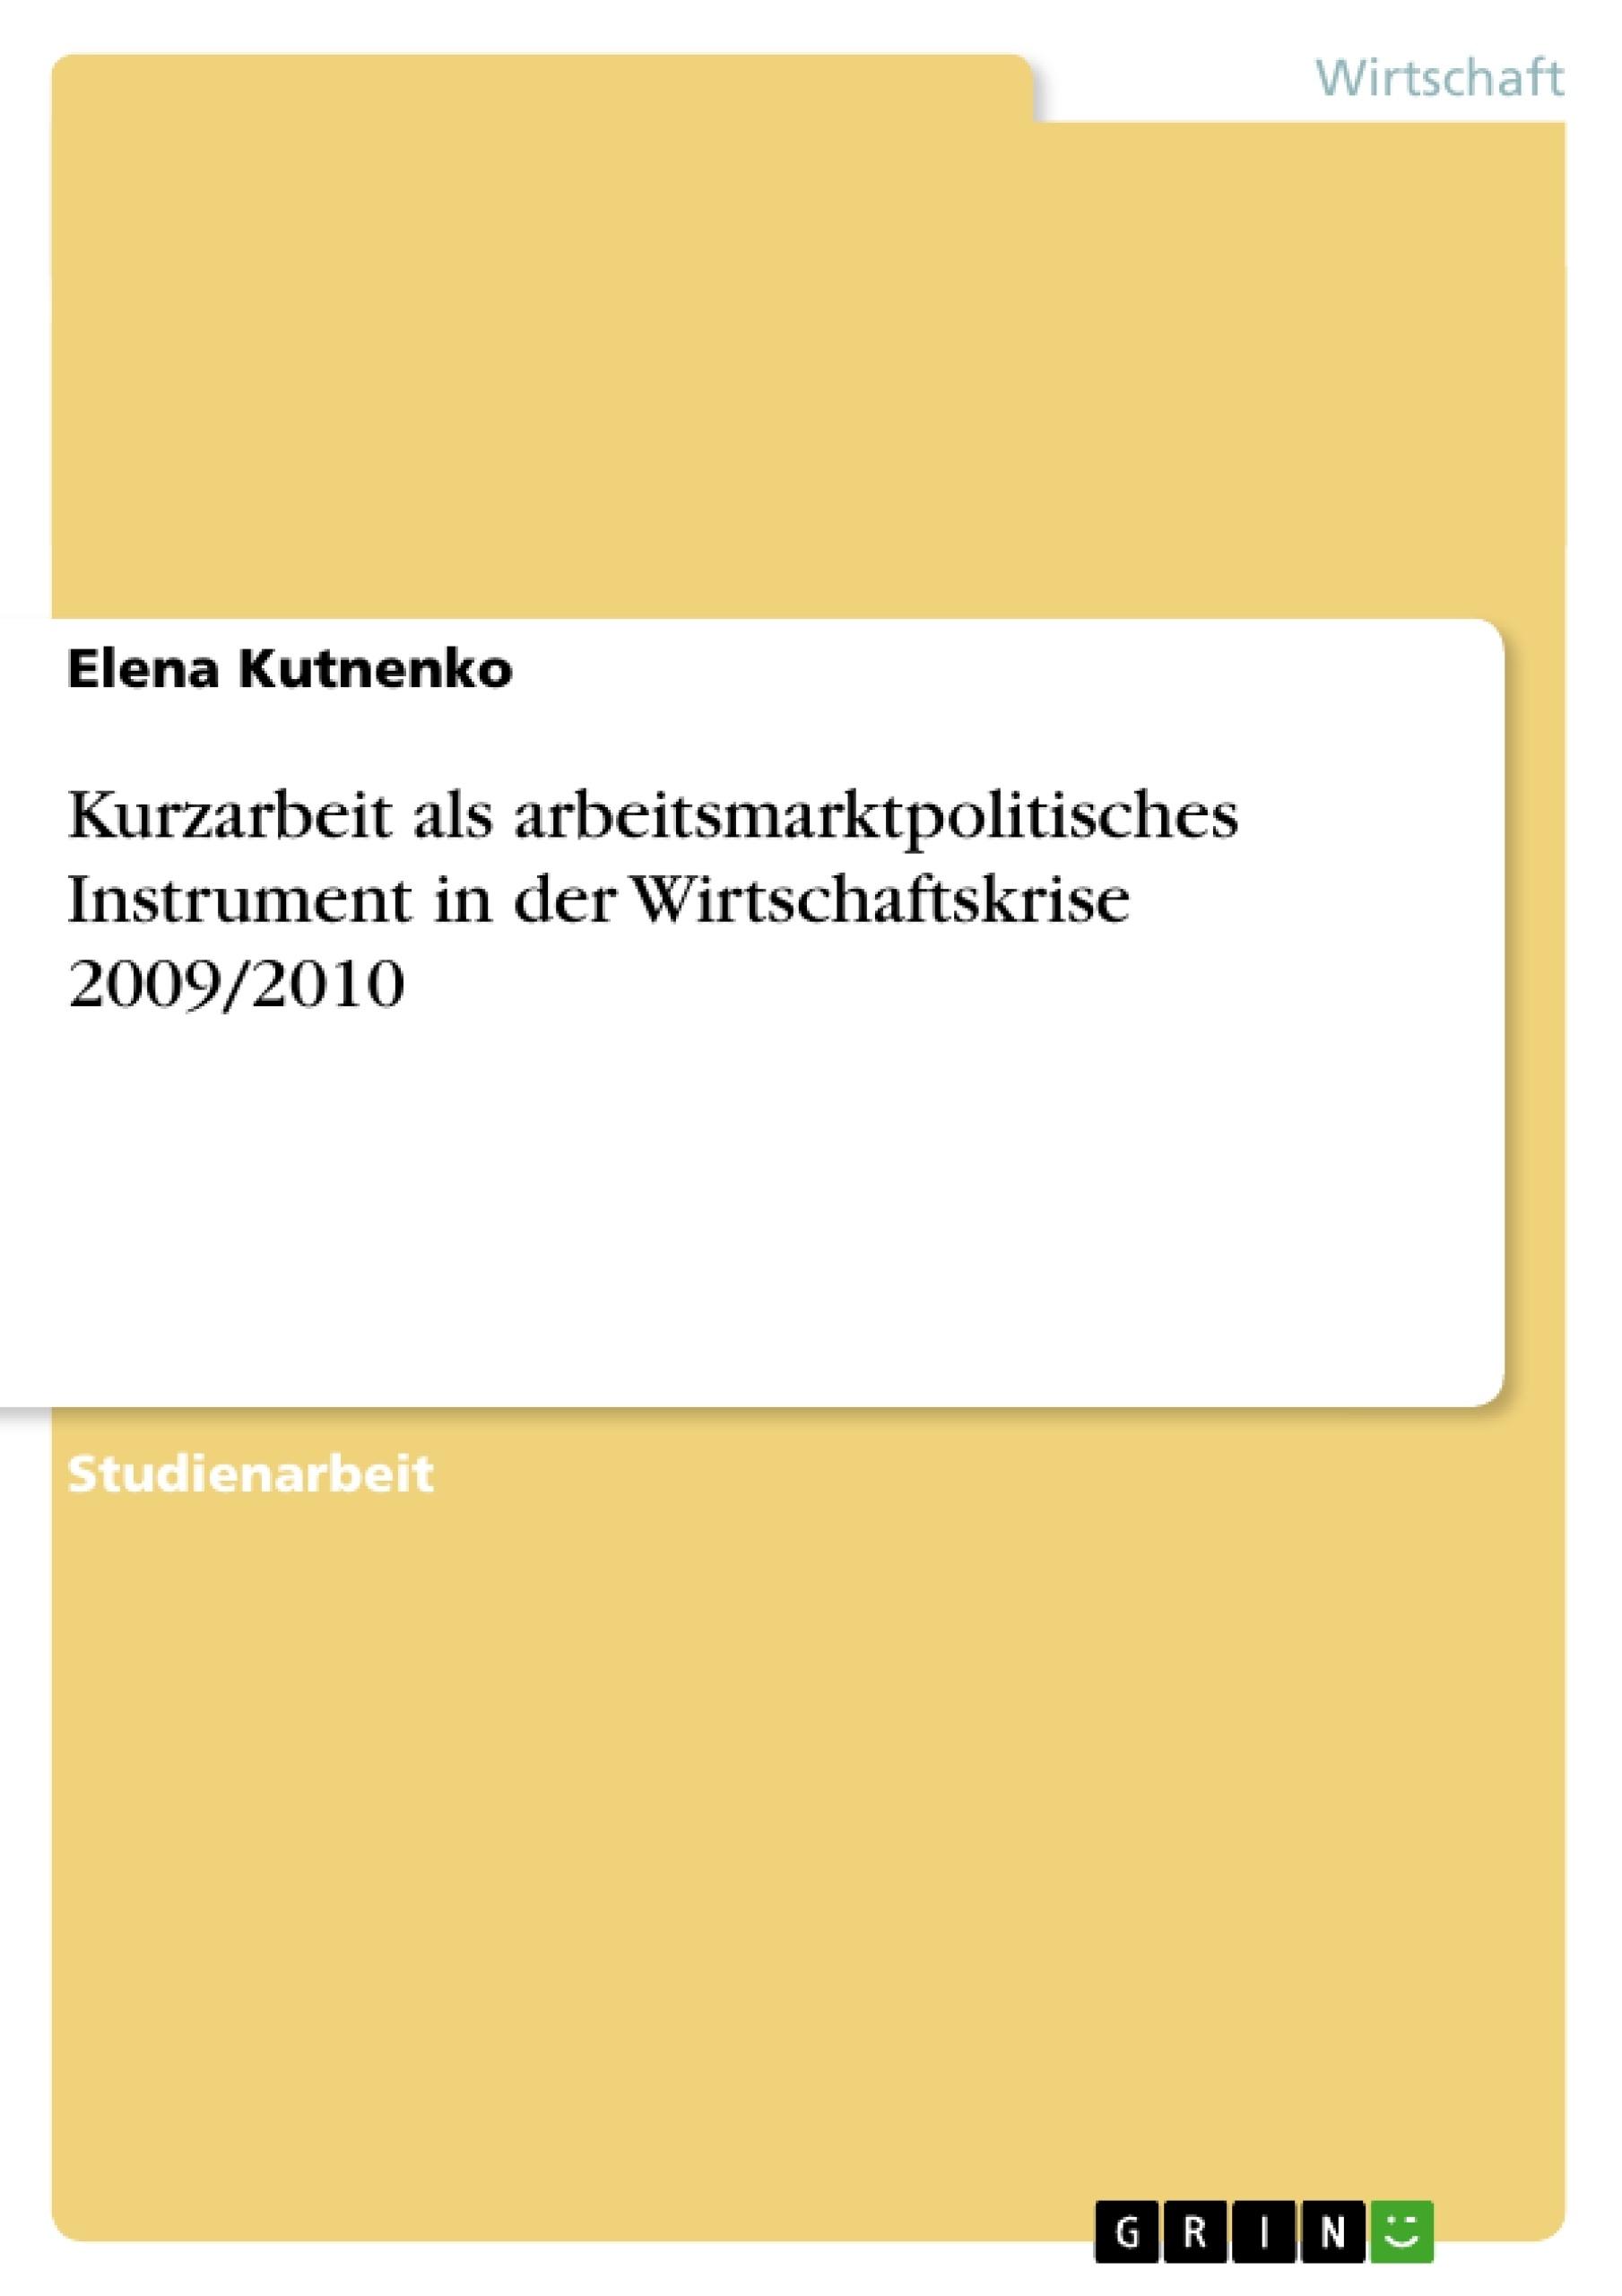 Titel: Kurzarbeit als arbeitsmarktpolitisches  Instrument in der Wirtschaftskrise 2009/2010